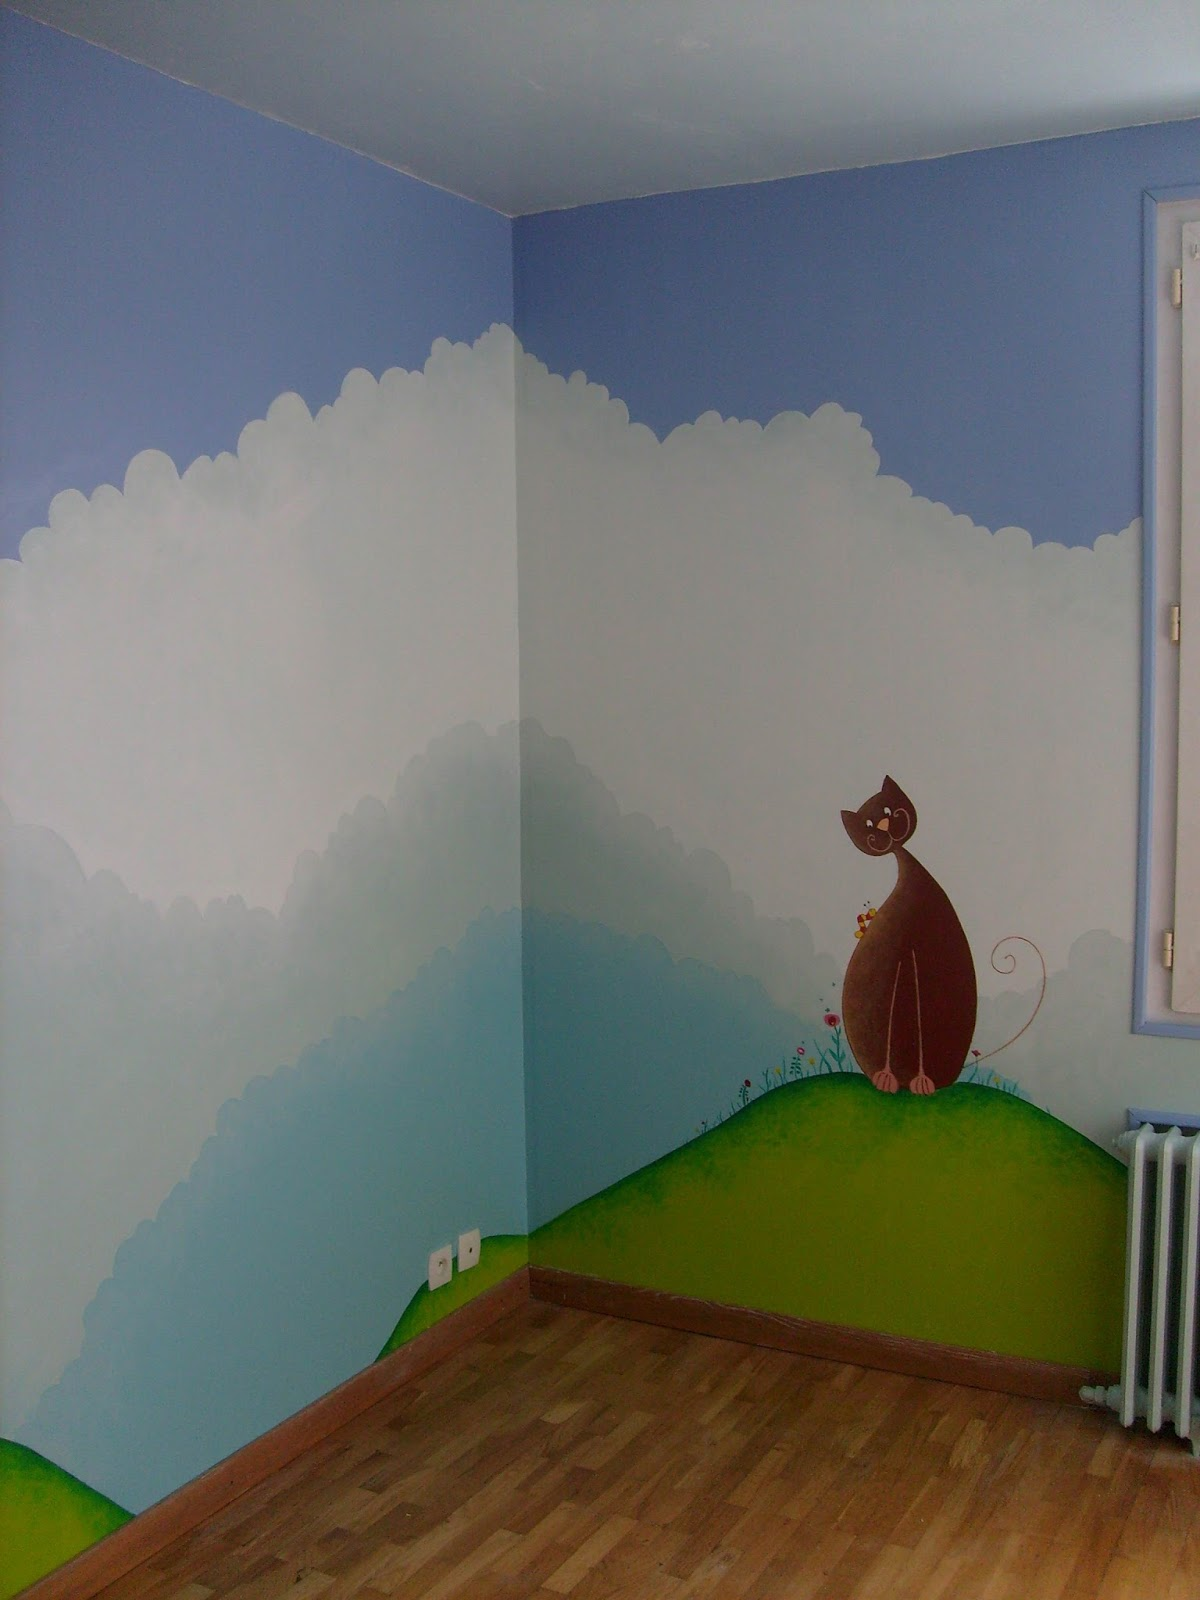 Peinture Murale Chambre Enfant Of S Verine Peugniez Cr Ations Fresques Murales Pour Chambre D 39 Enfant